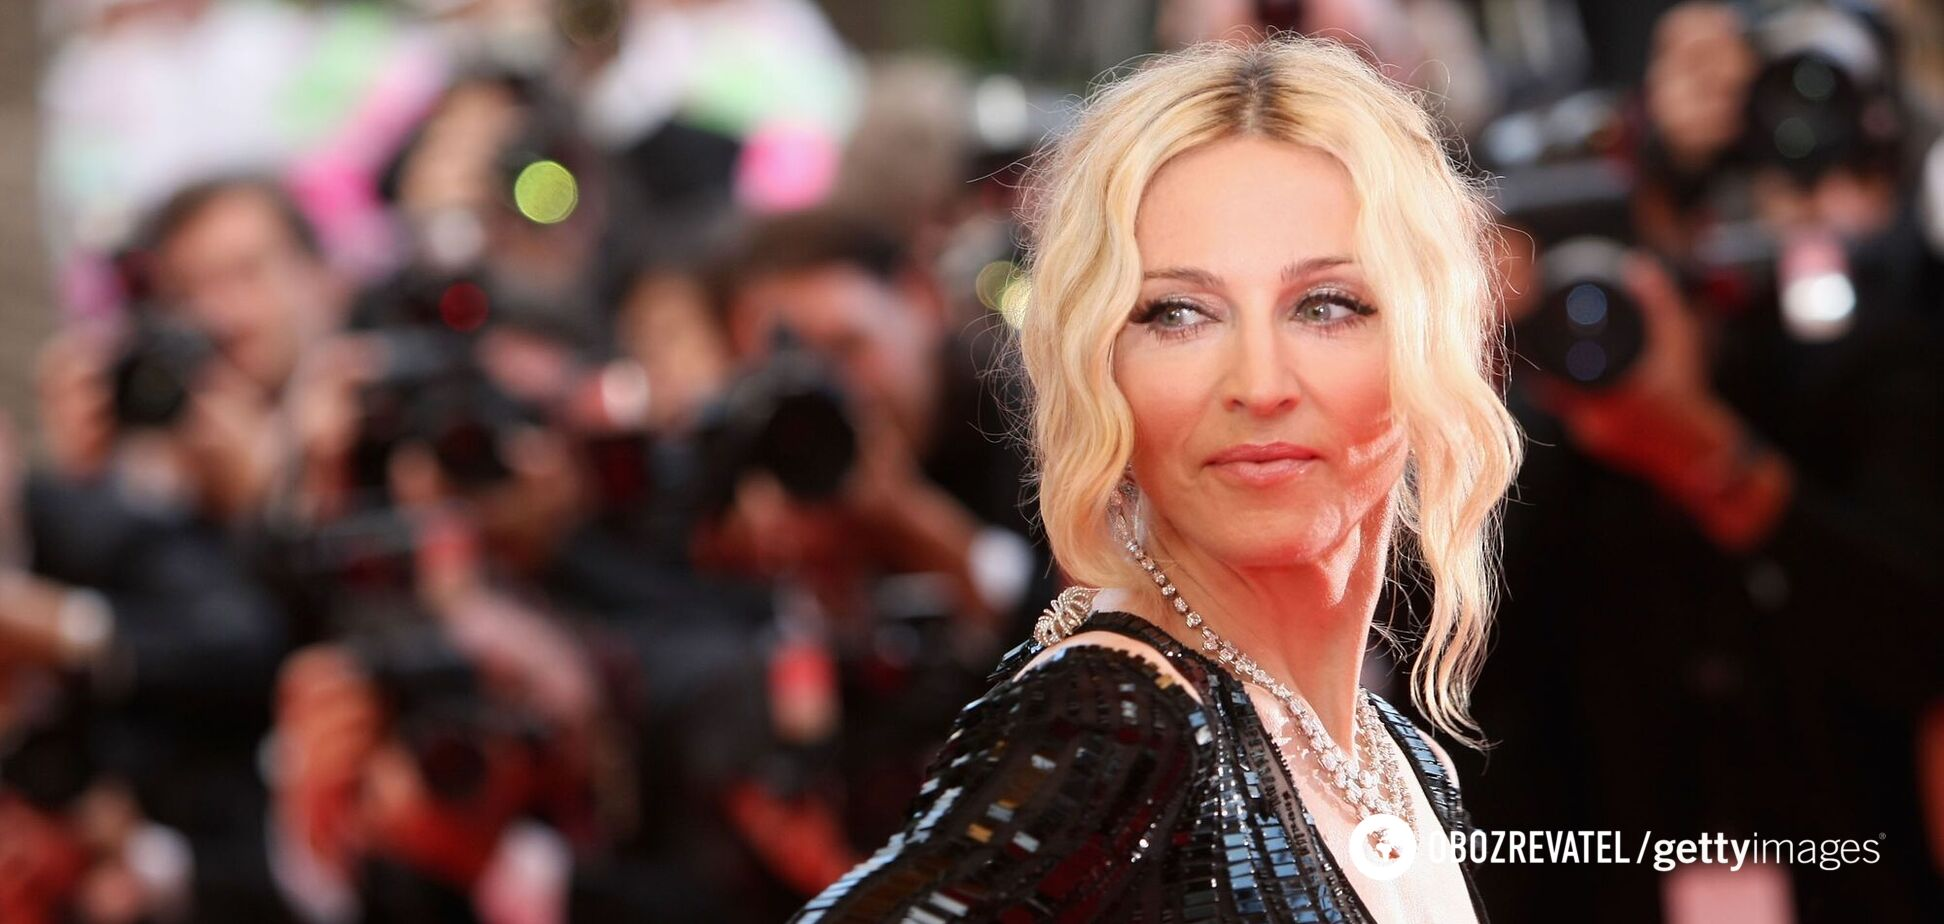 Мадонна выложила пикантное фото